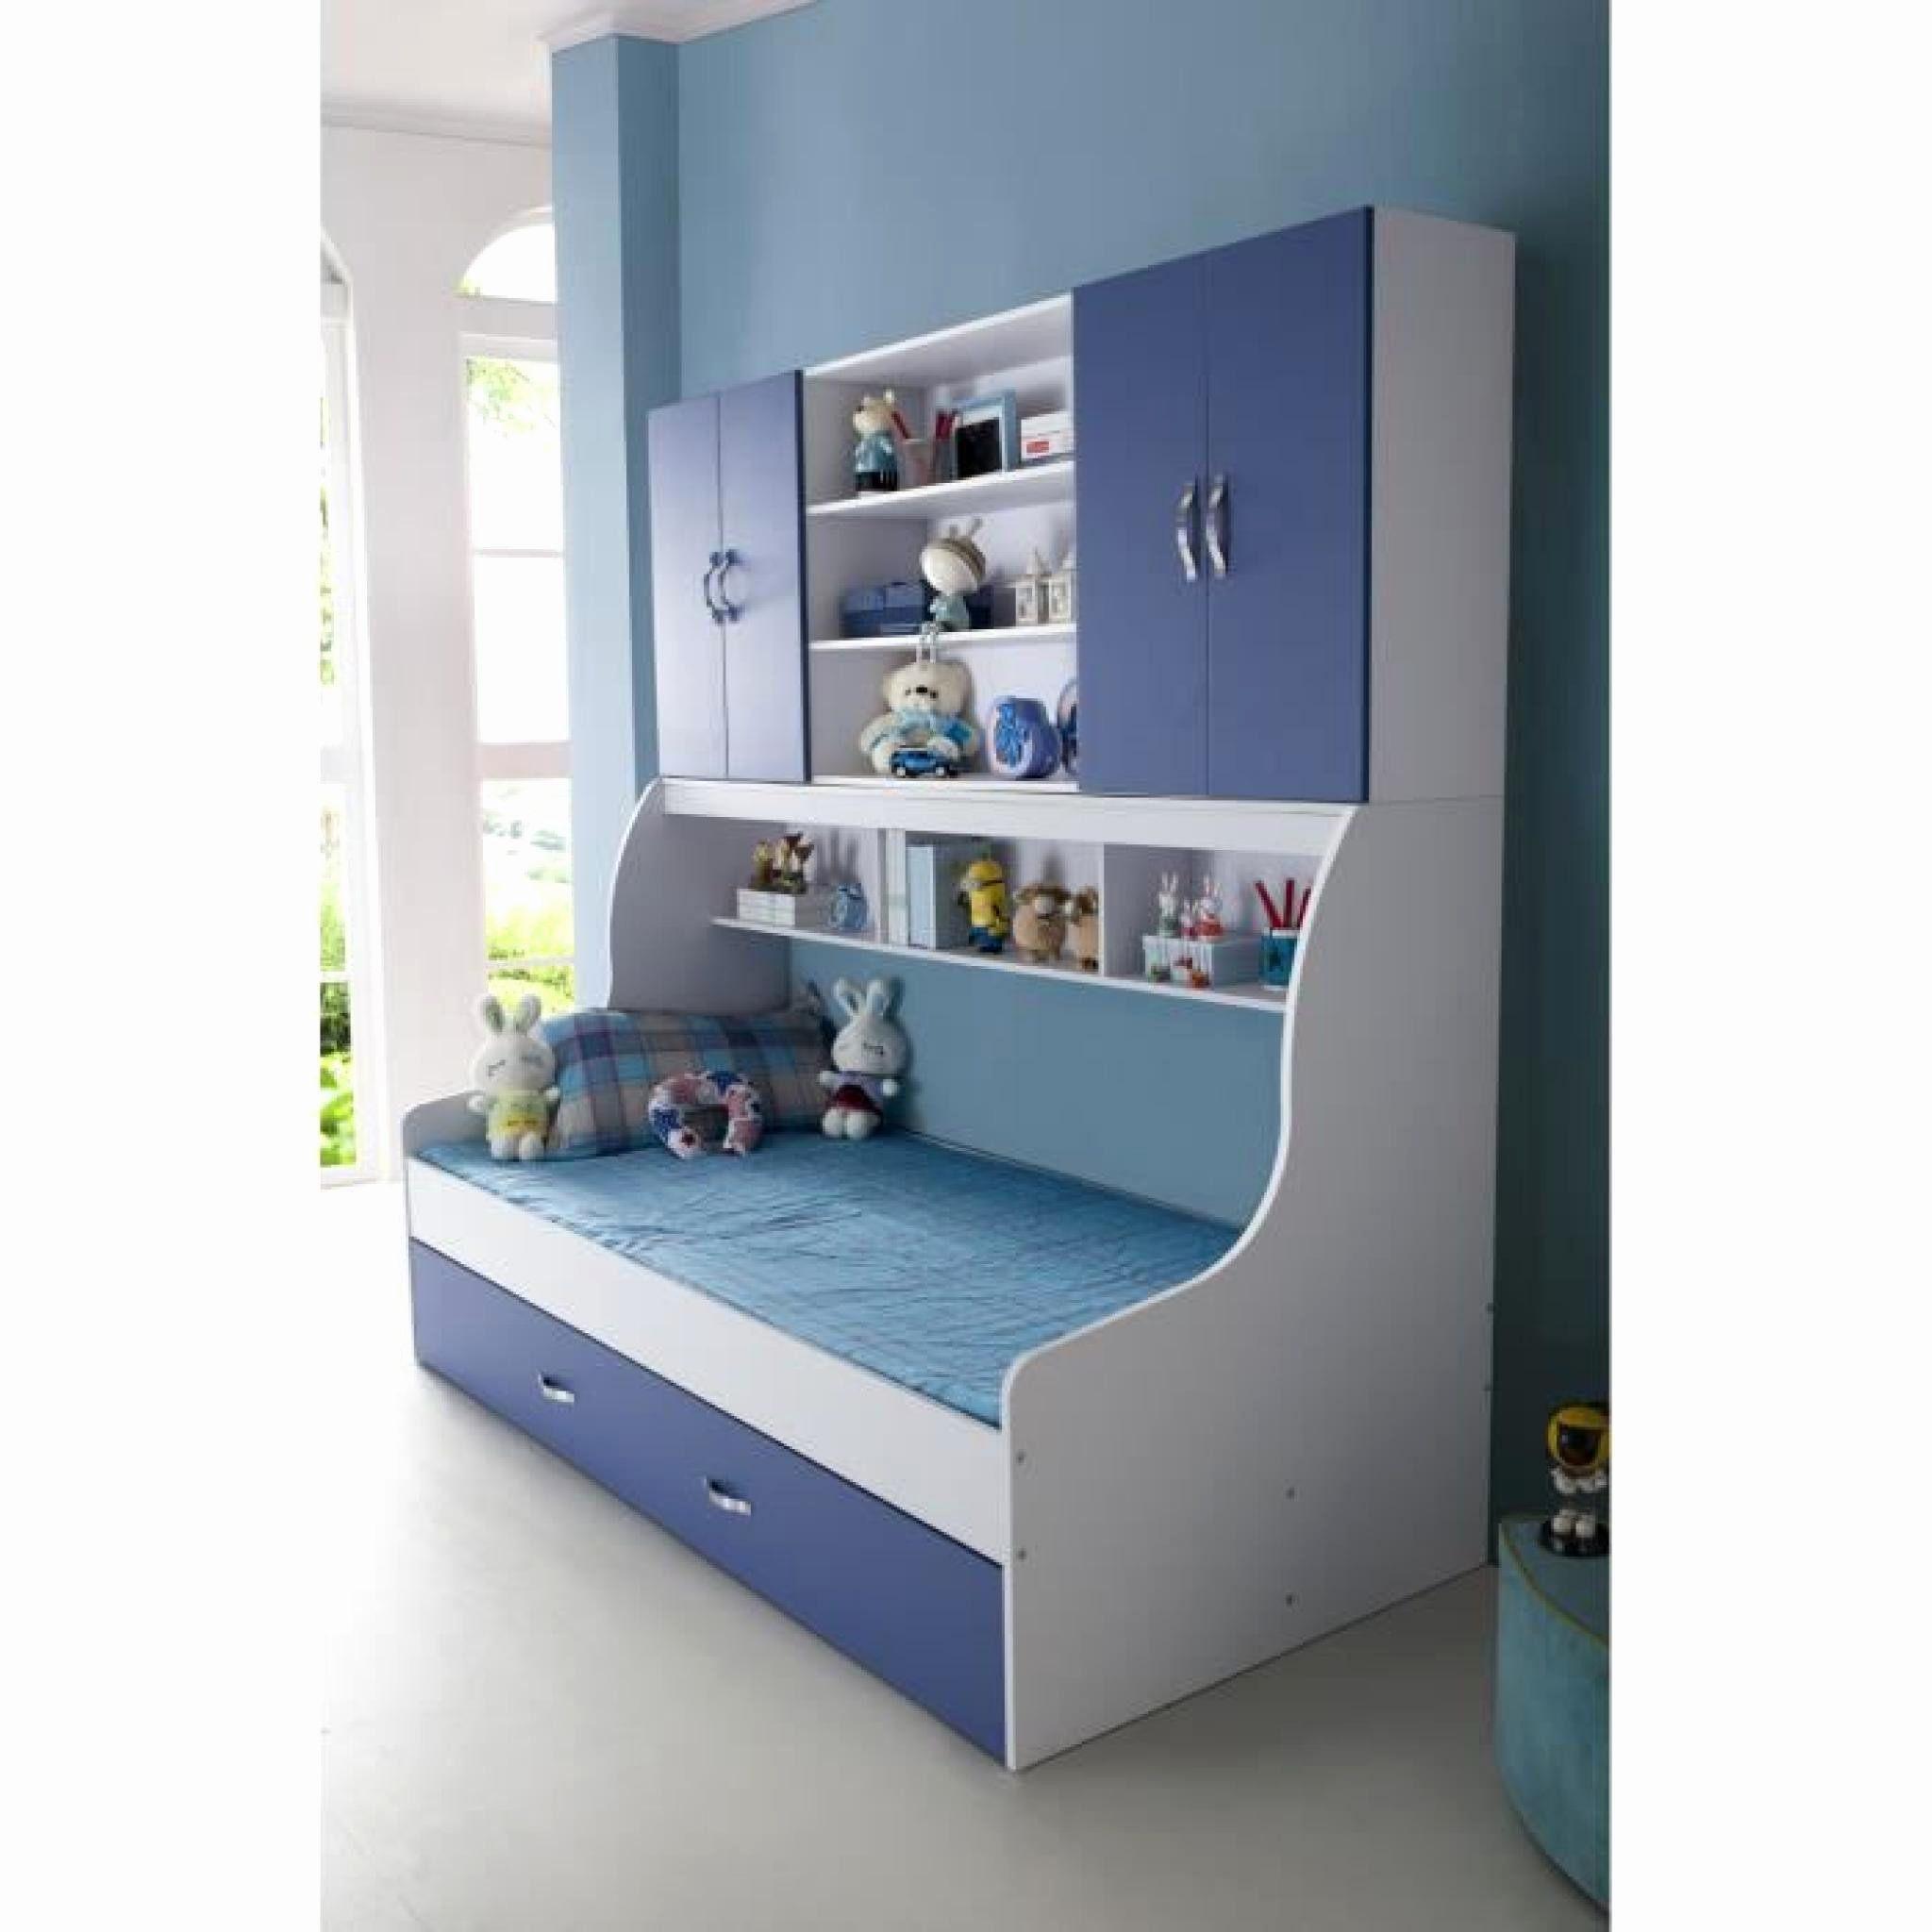 Tete De Lit Avec Rangement Ikea Meilleur De Bureau Avec Rangement Ikea Ikea Bureau Etagere Bureau sous Escalier